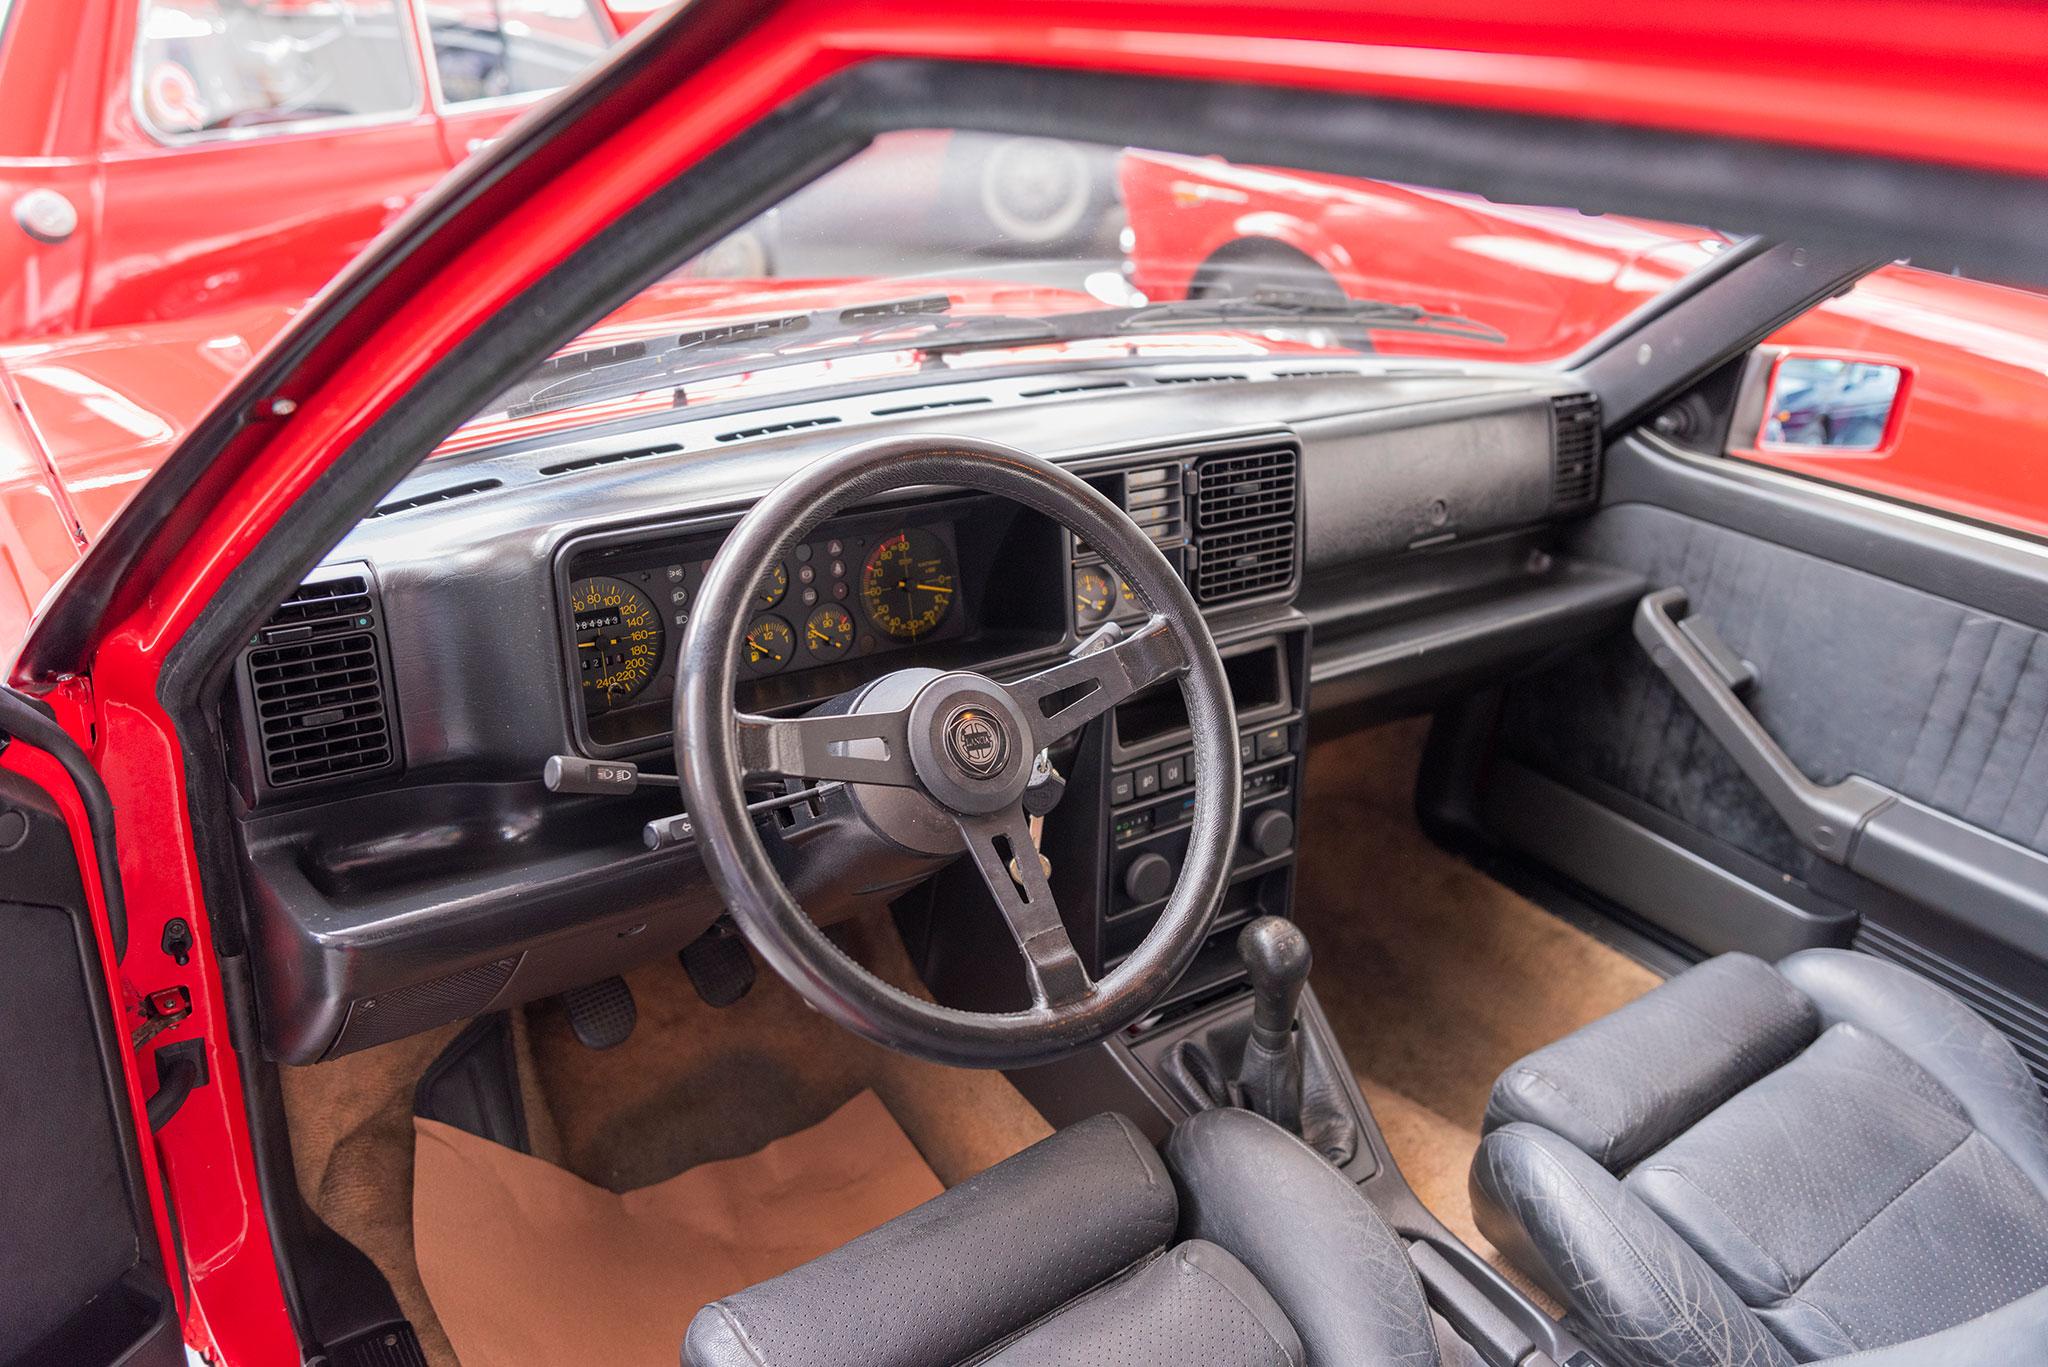 1990 Lancia Delta HF Integrale vue des places avant.